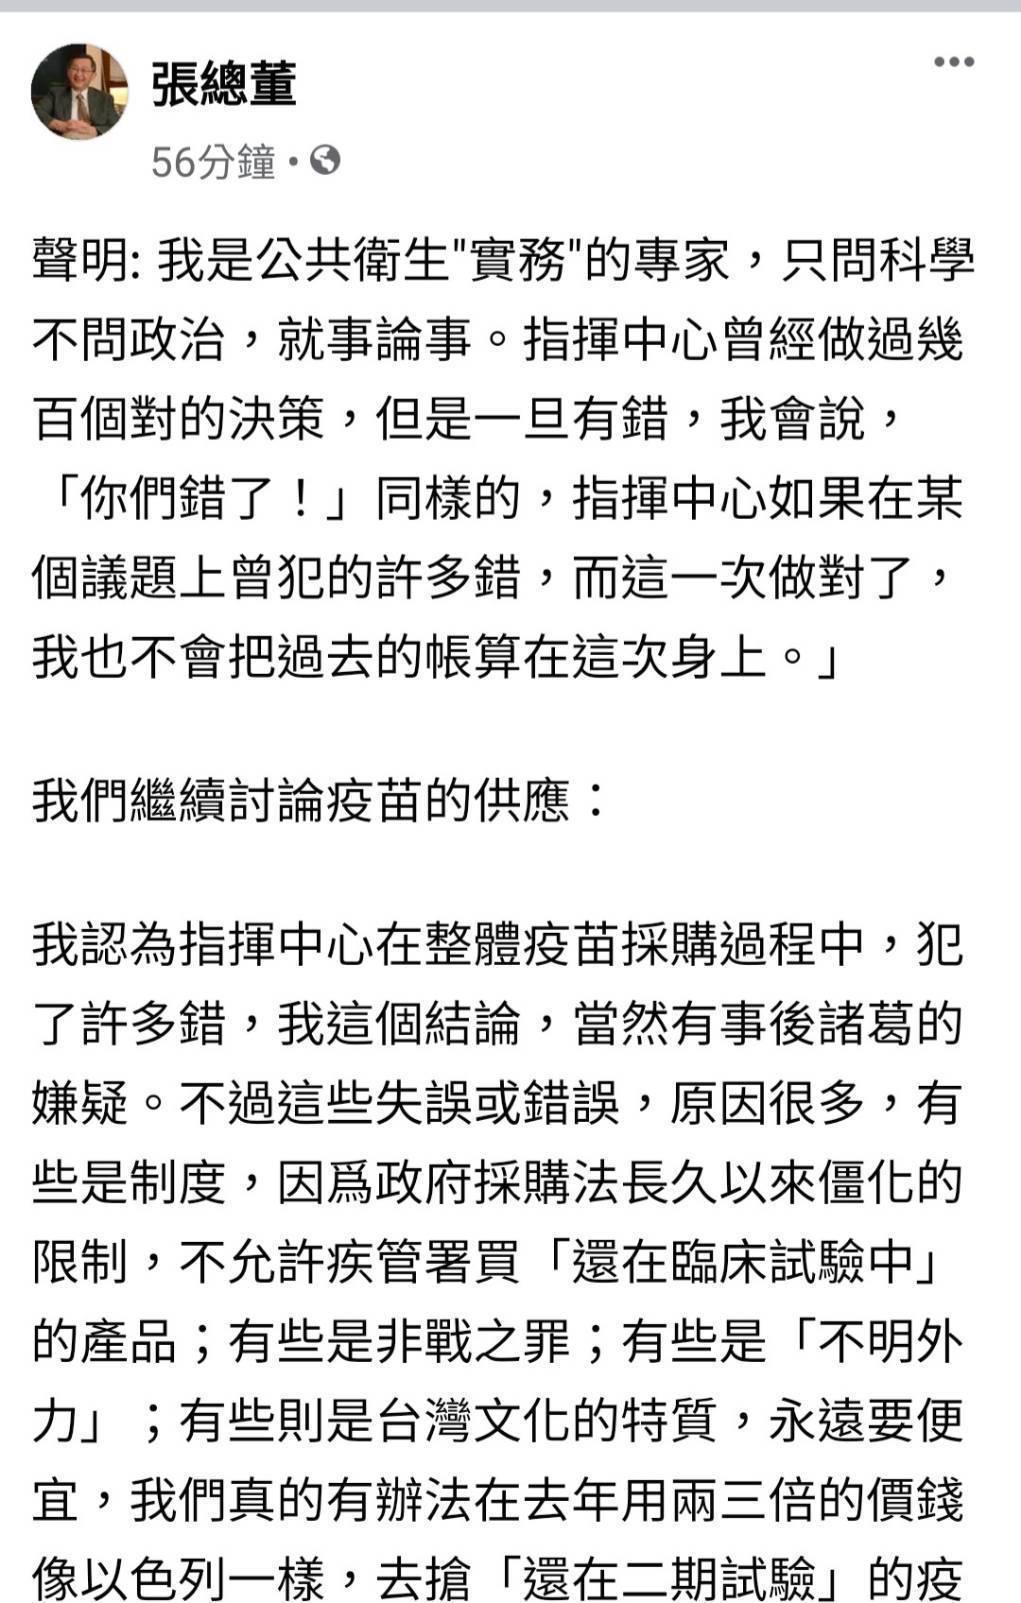 陽明大學校長張鴻仁表示,民間進口疫苗,不論公益或自費市場,沒有一定要由政府簽約的...